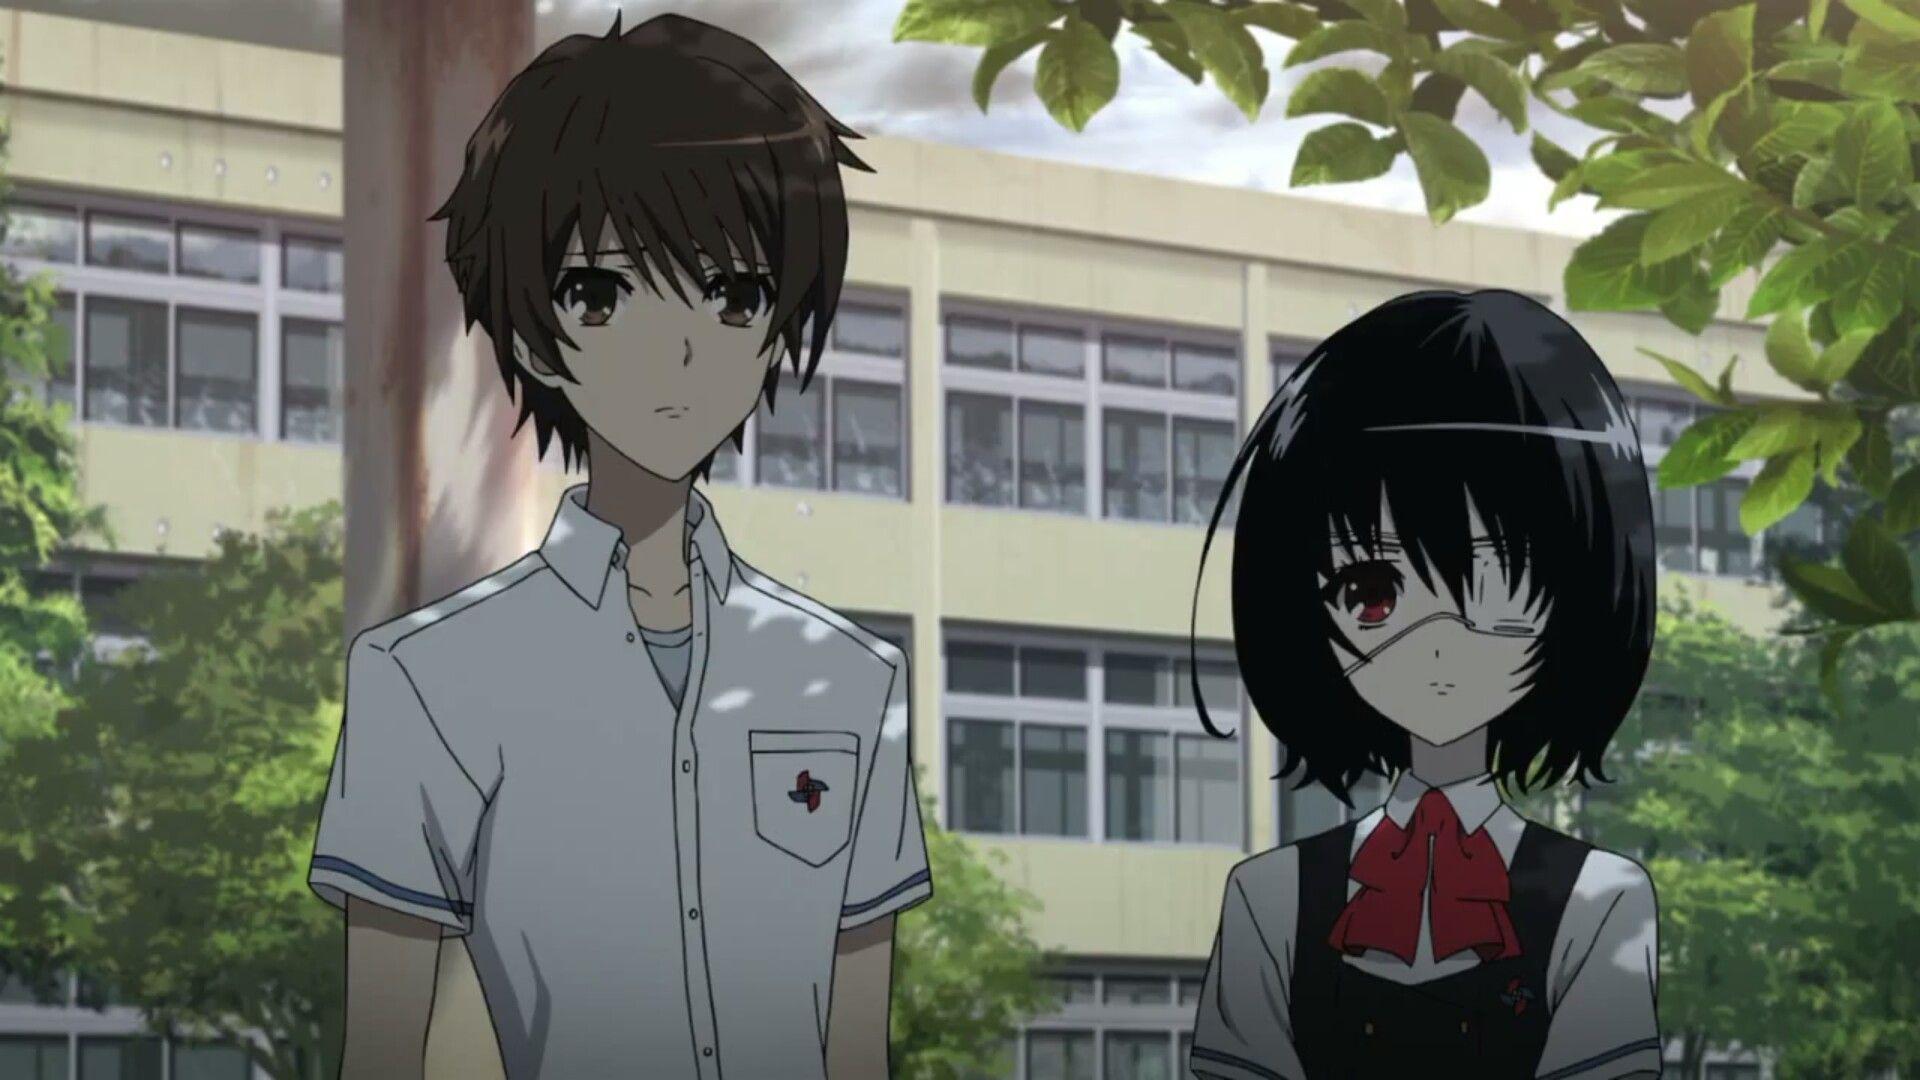 Pin by Touka Kirishima on Anime in 2020 Anime, Anime